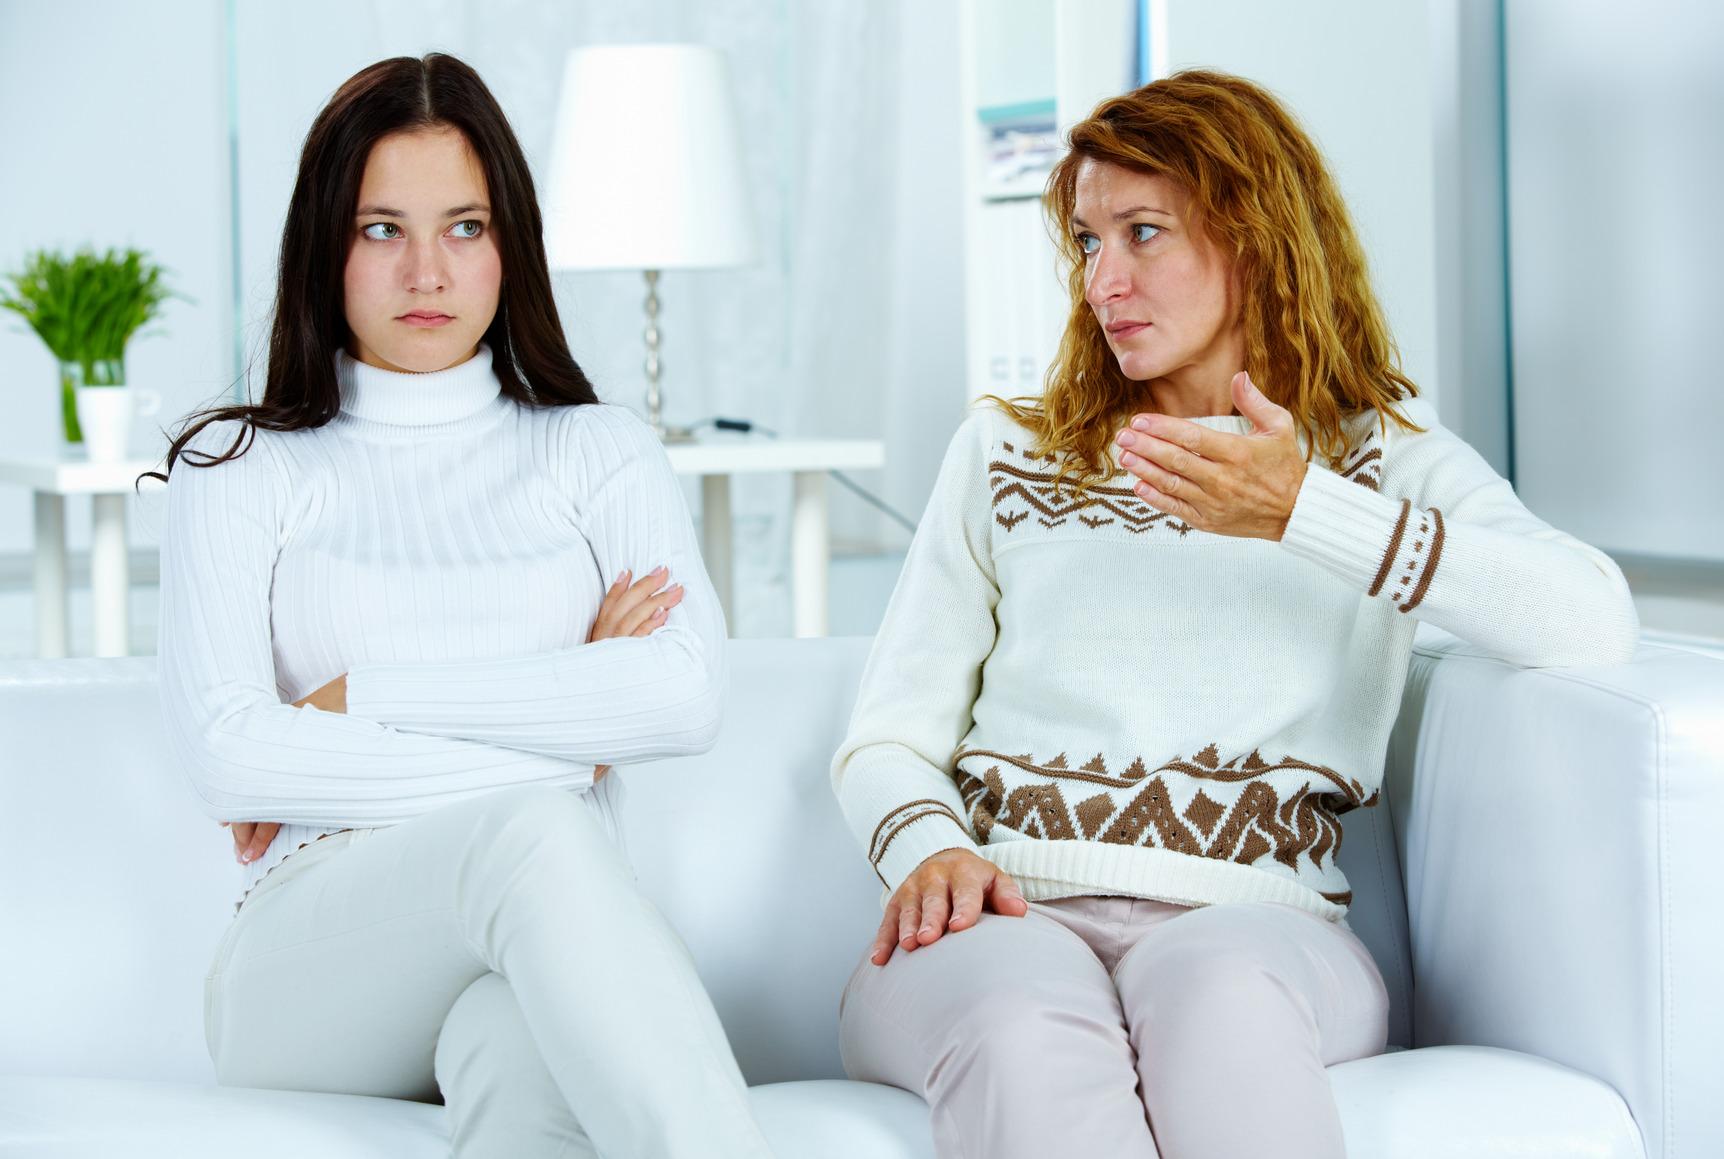 Мамины советы, к которым стоит прислушаться